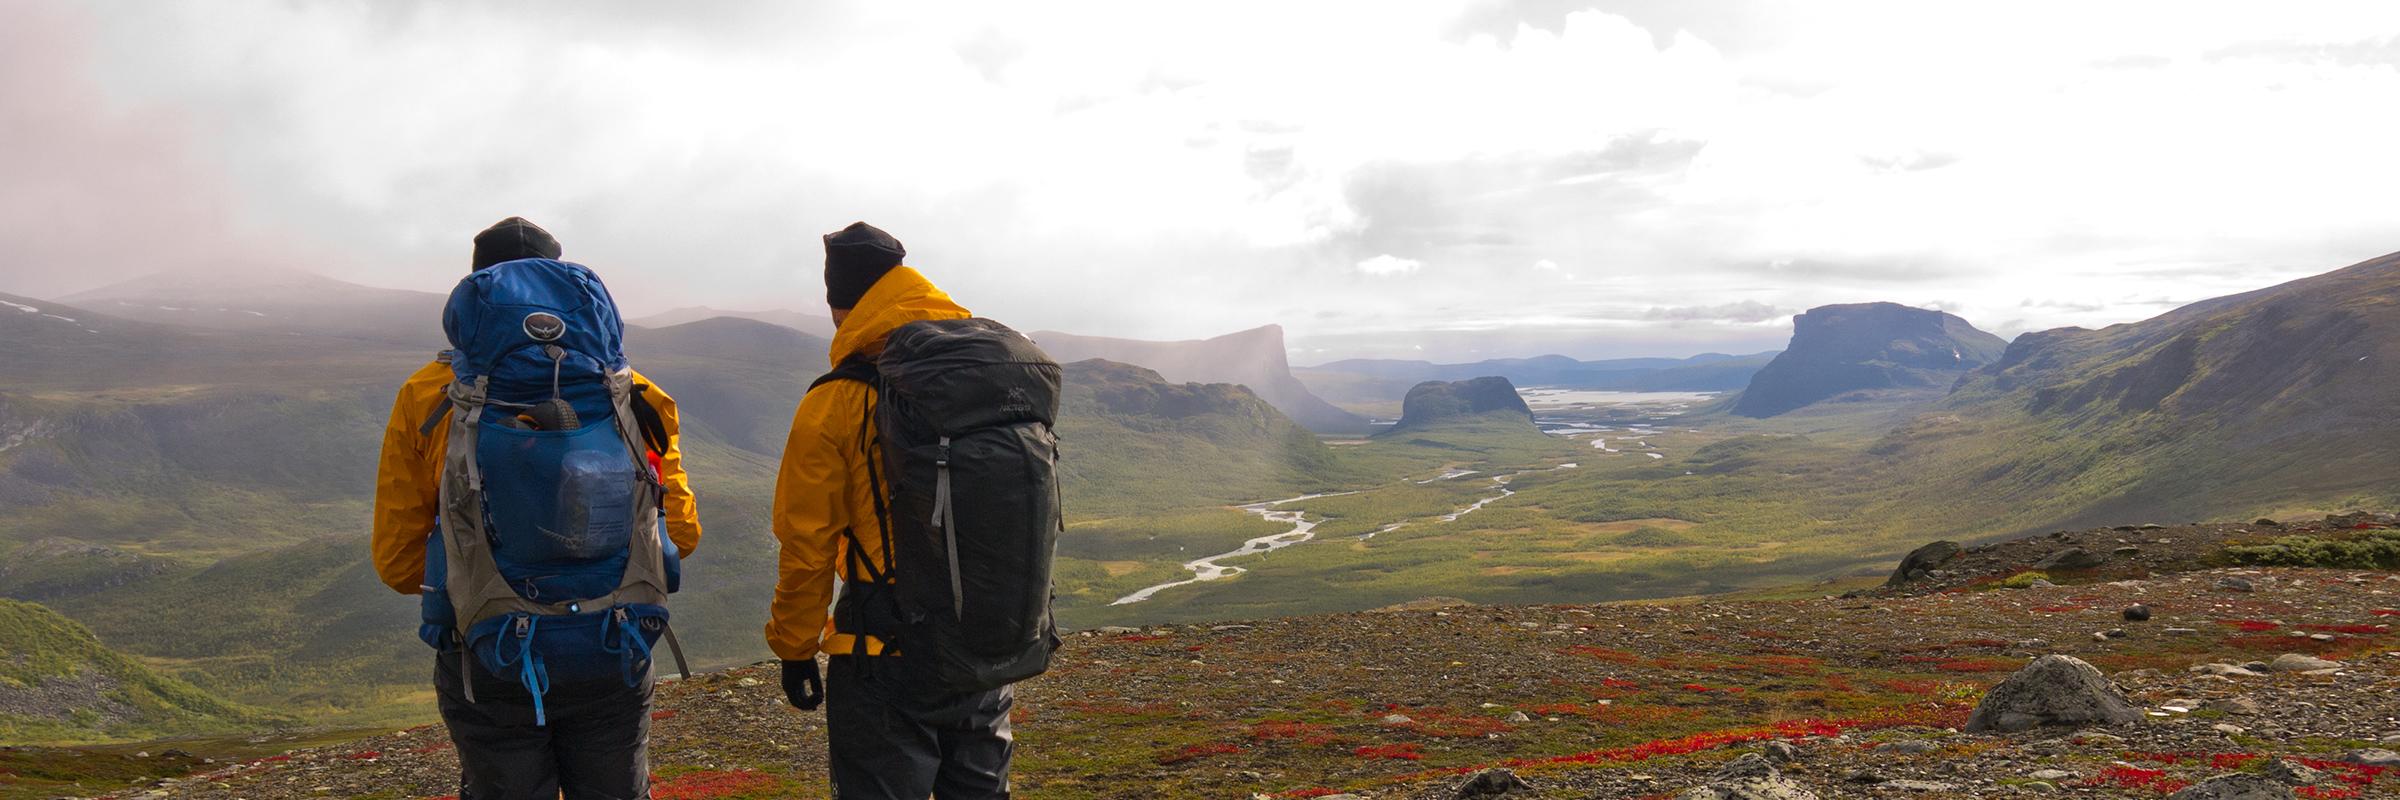 Lätt utrustning för vandring – del 4 | In i vildmarken